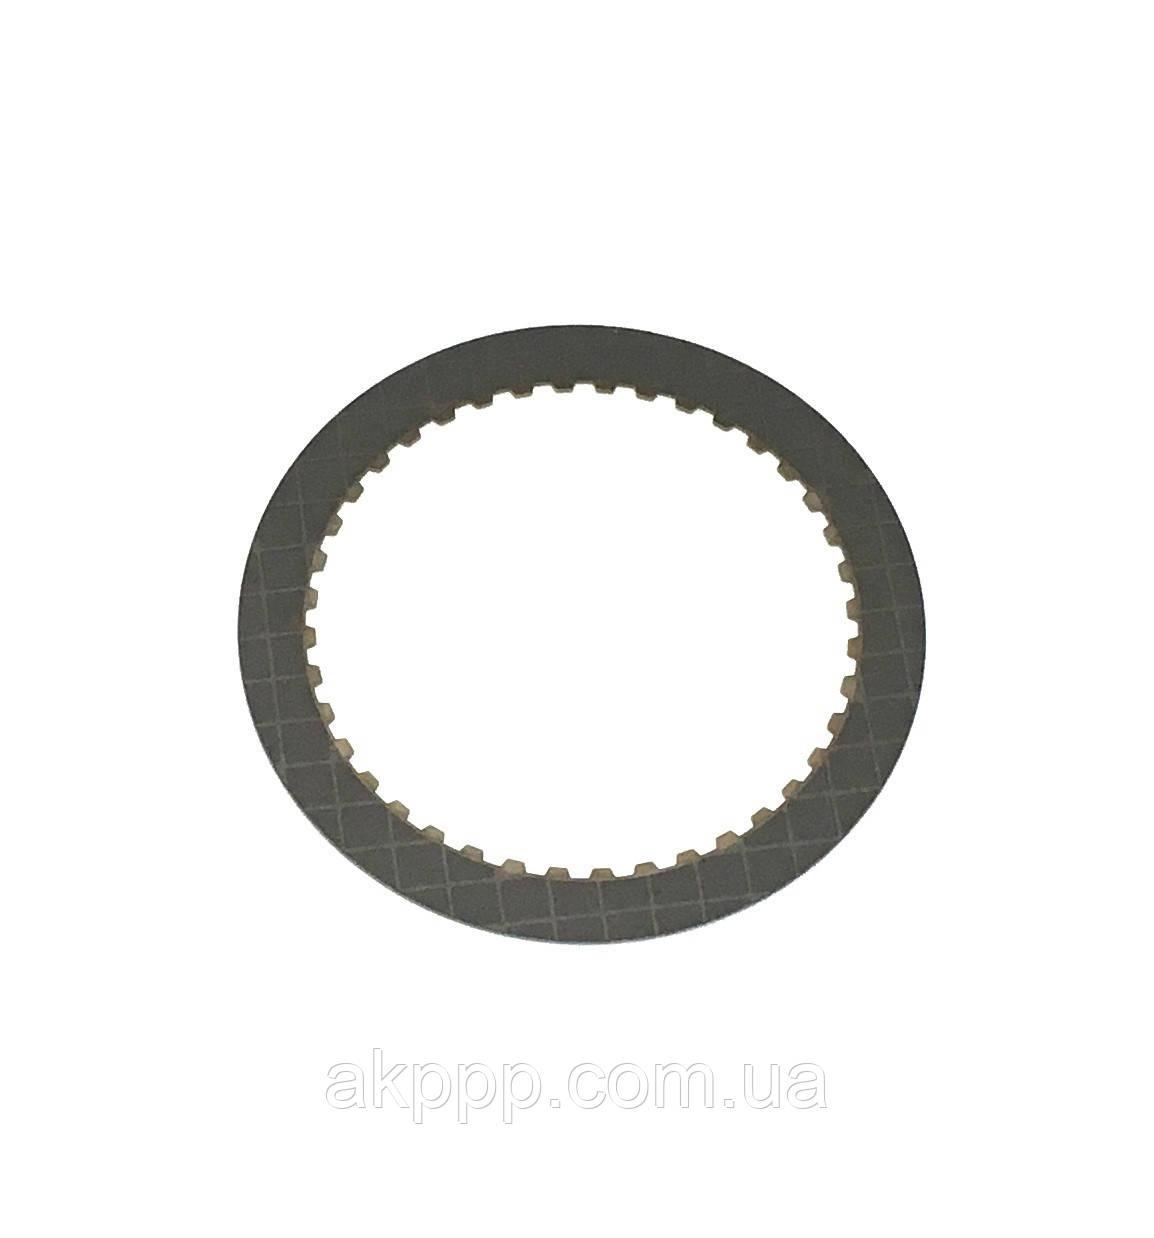 Фрикционный диск B3 акпп A750E, A760E, A761E, A960E; код 30003A0742FP